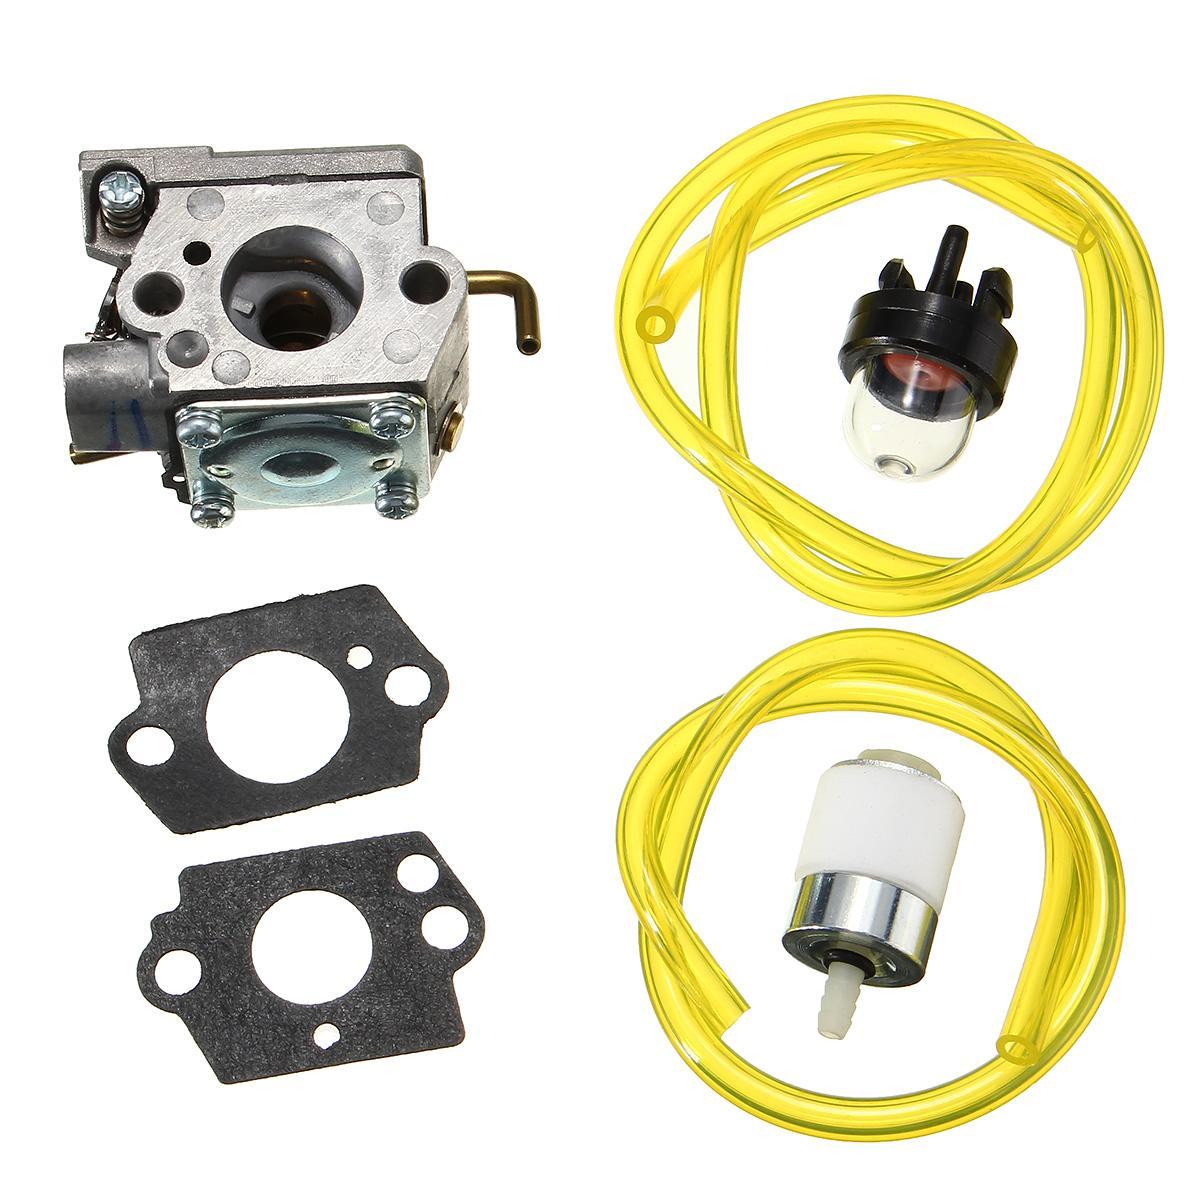 Carburetor Assembly Gaskets Primer Bulb Fuel Filter For Walbro WT-682-1 WT-682 MTD 753-04408Carburetor Assembly Gaskets Primer Bulb Fuel Filter For Walbro WT-682-1 WT-682 MTD 753-04408